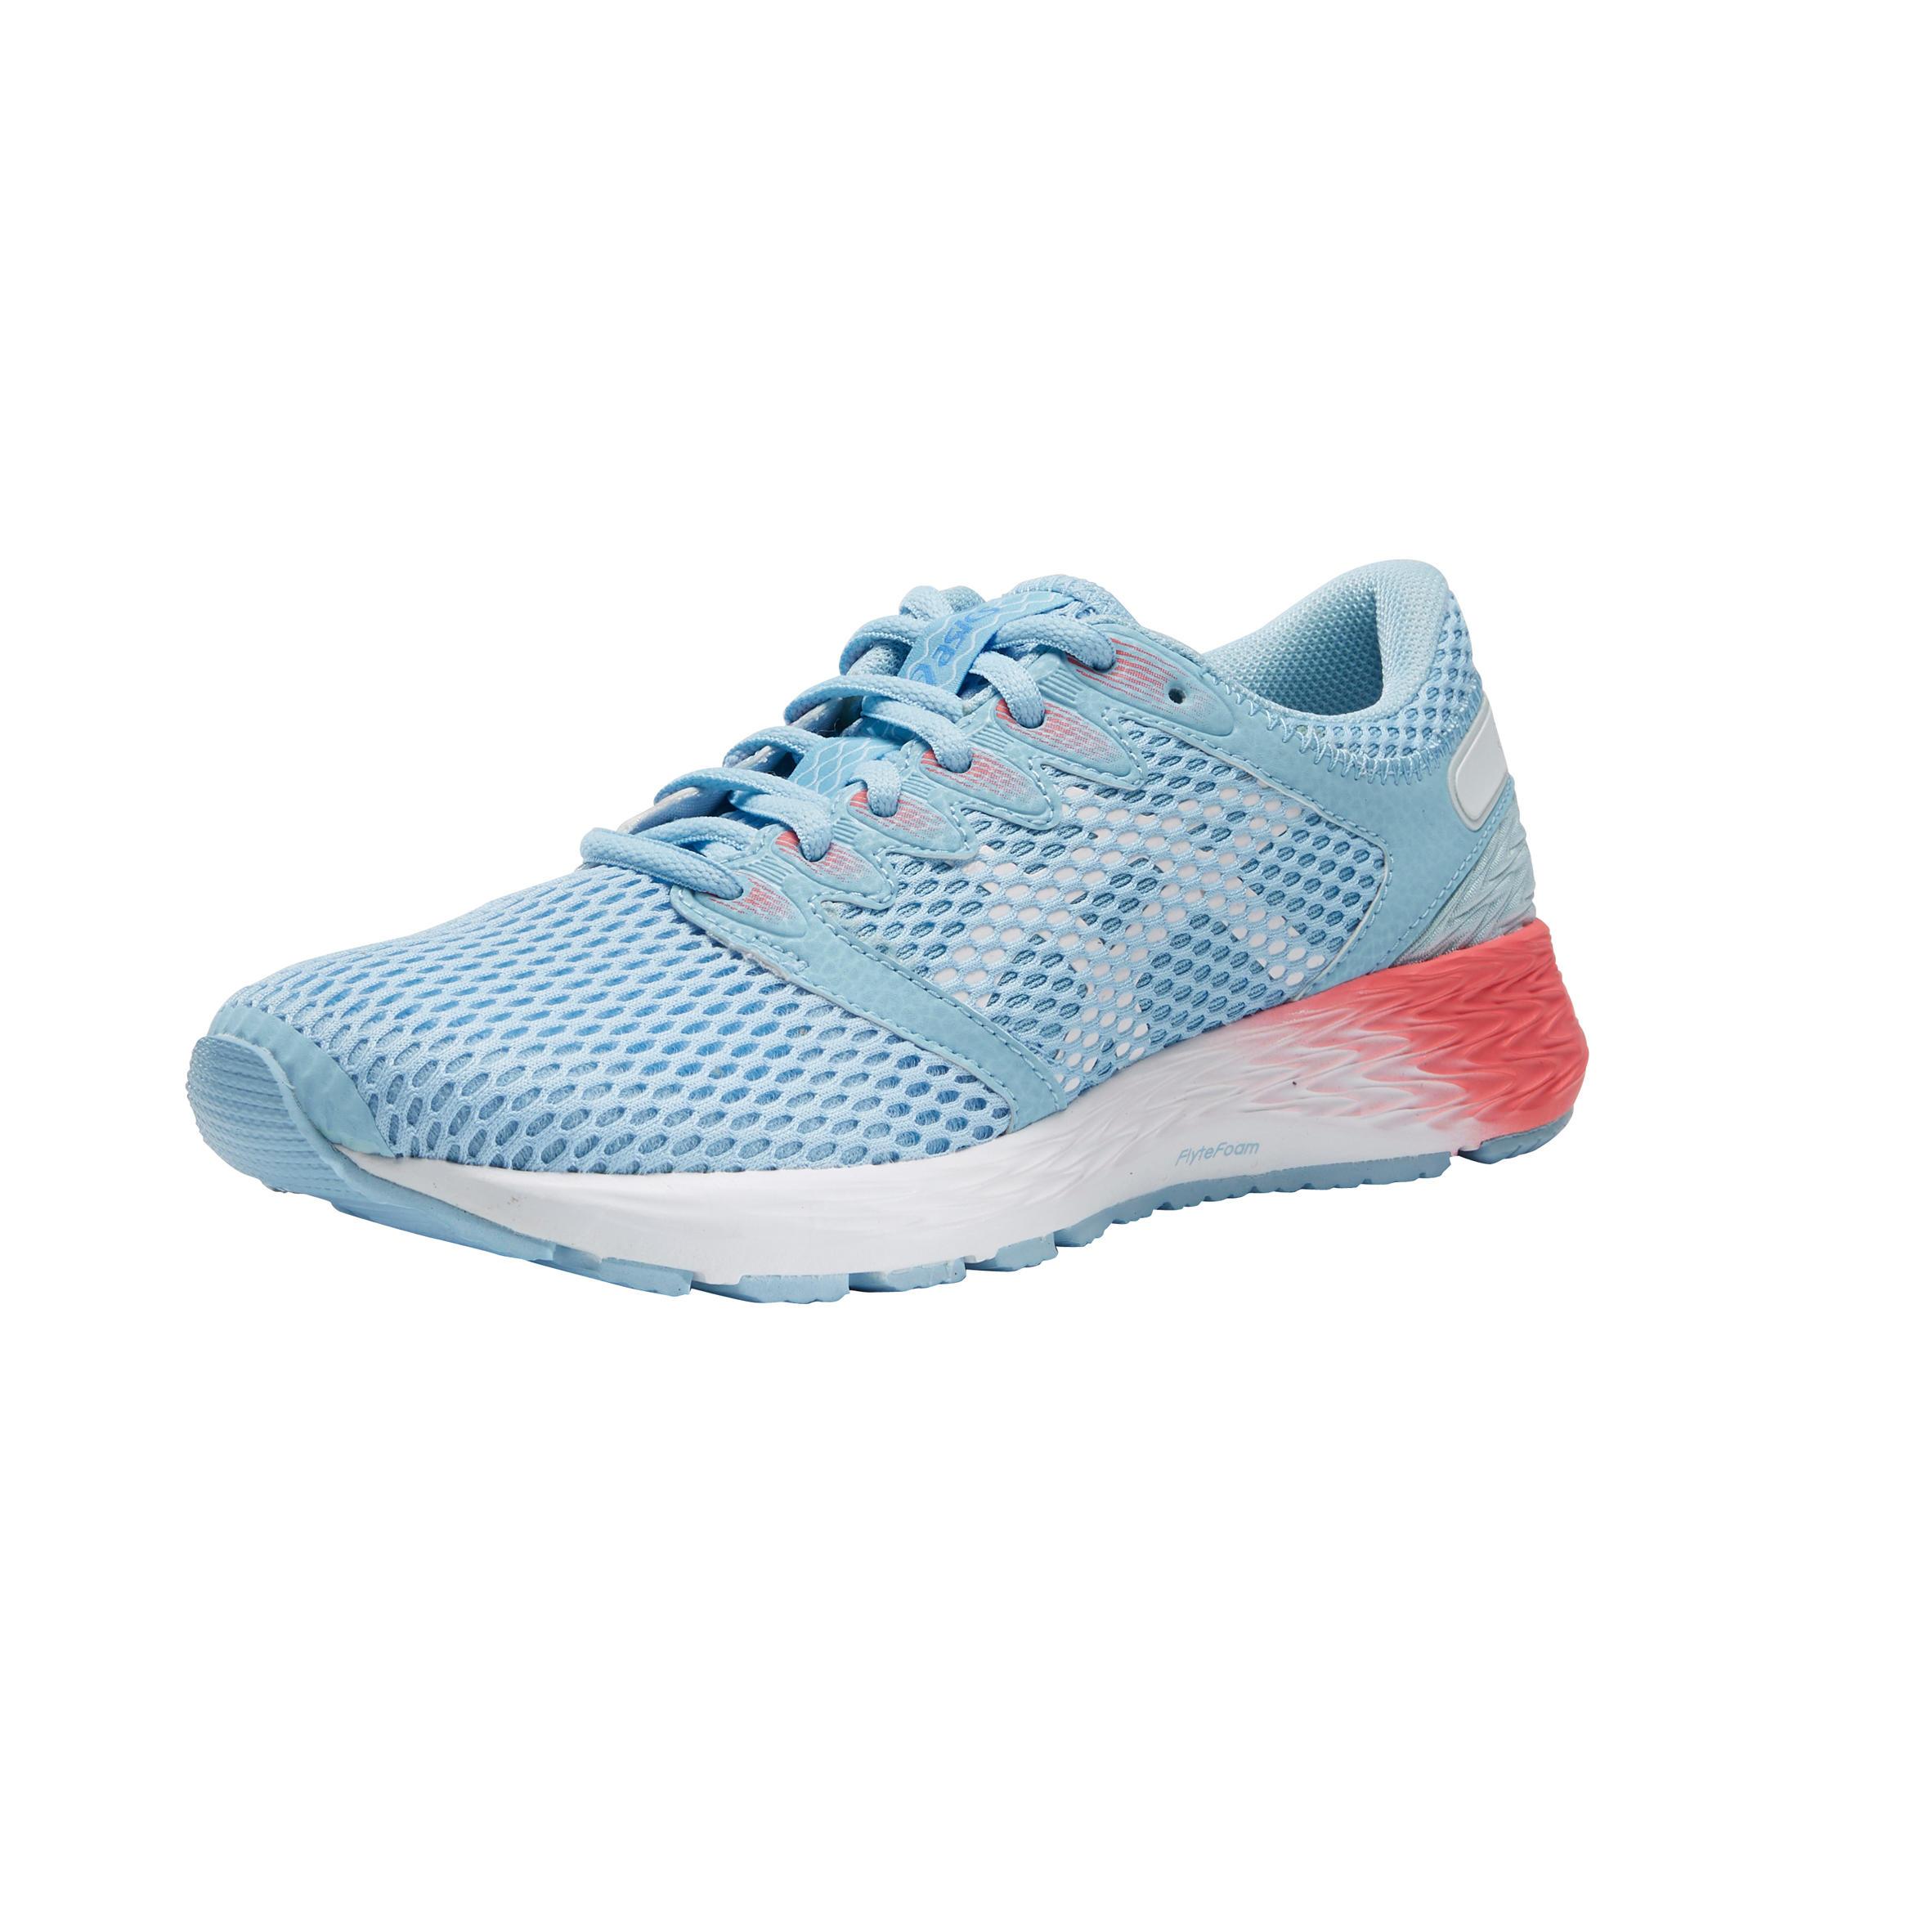 b2e9bf7a657eb Comprar Zapatillas de running para correr mujer